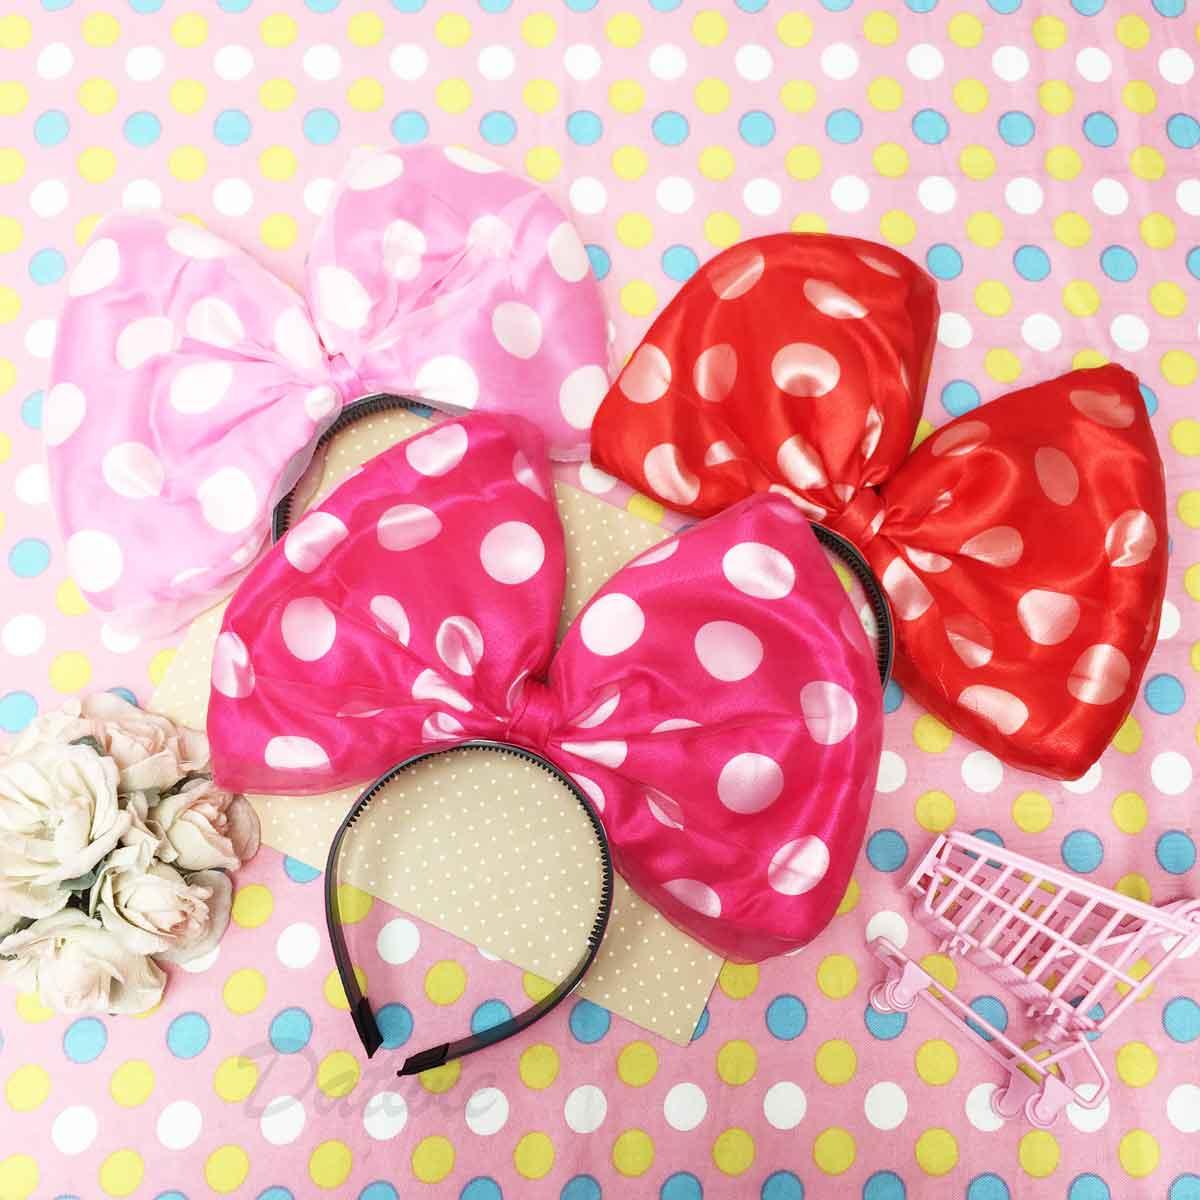 點點 大蝴蝶結 網紗 3色 可愛風 髮飾 髮箍 頭箍